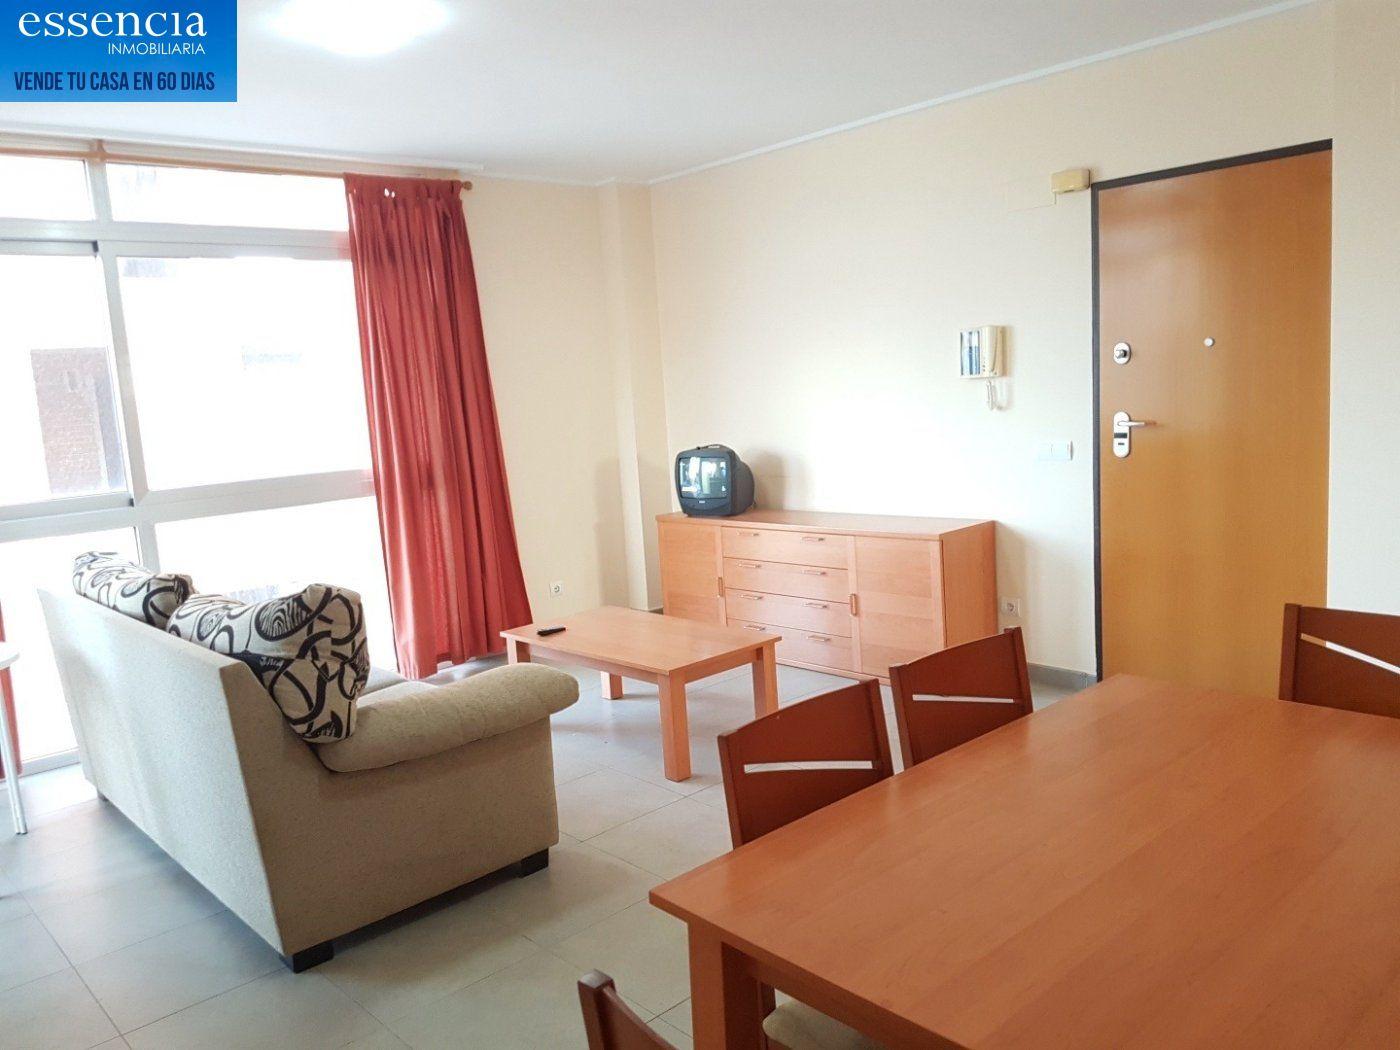 Apartamento con vistas al mar en playa de bellreguard.  garaje y piscina. - imagenInmueble12